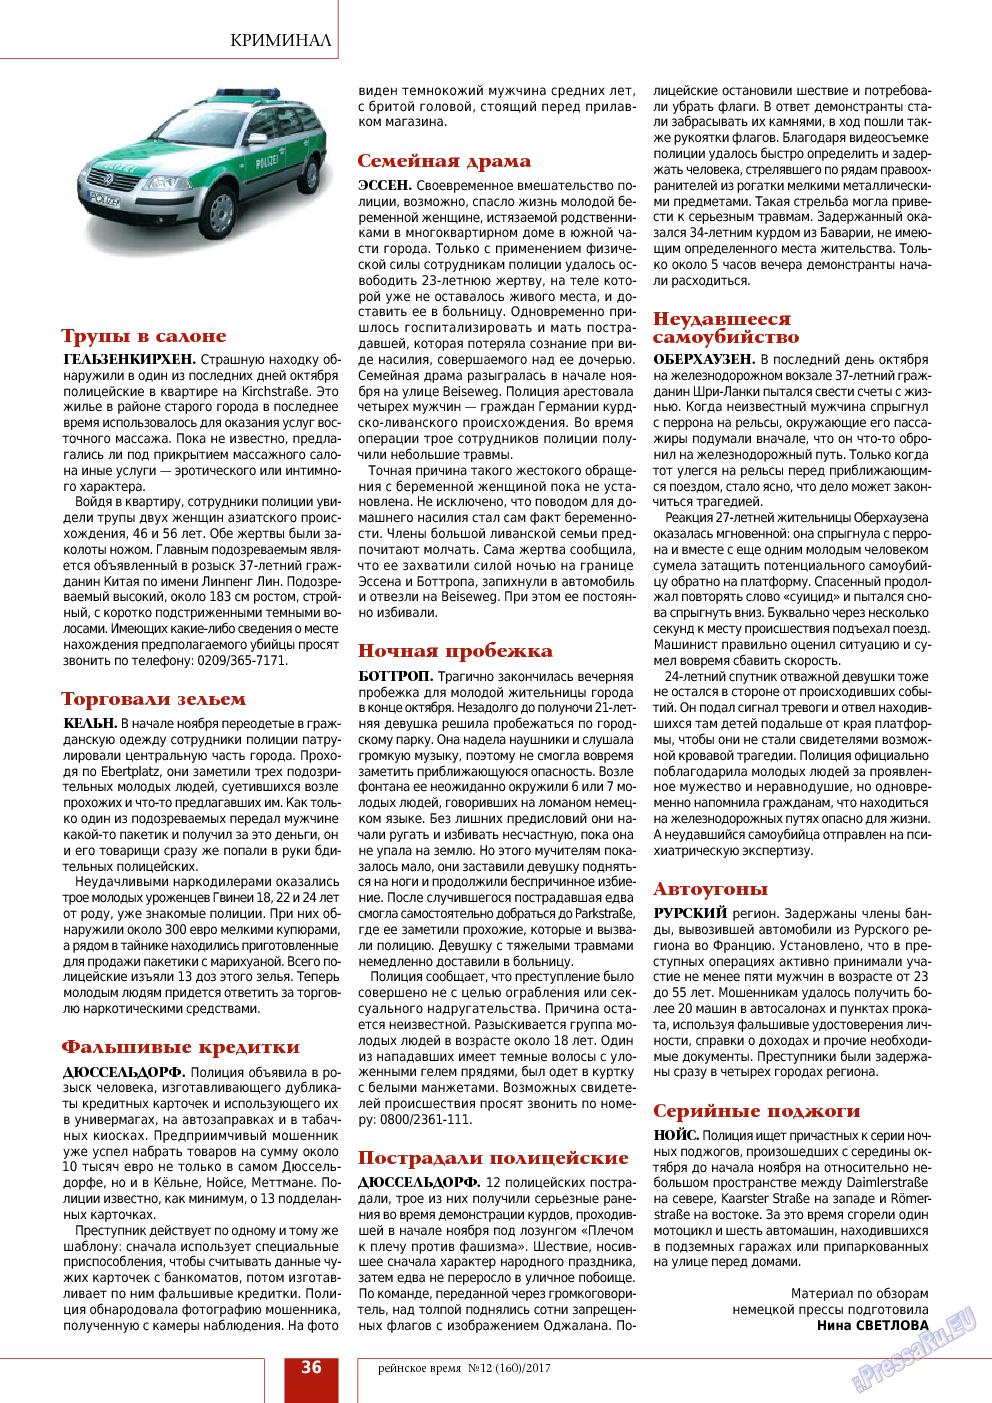 Рейнское время (журнал). 2017 год, номер 12, стр. 36